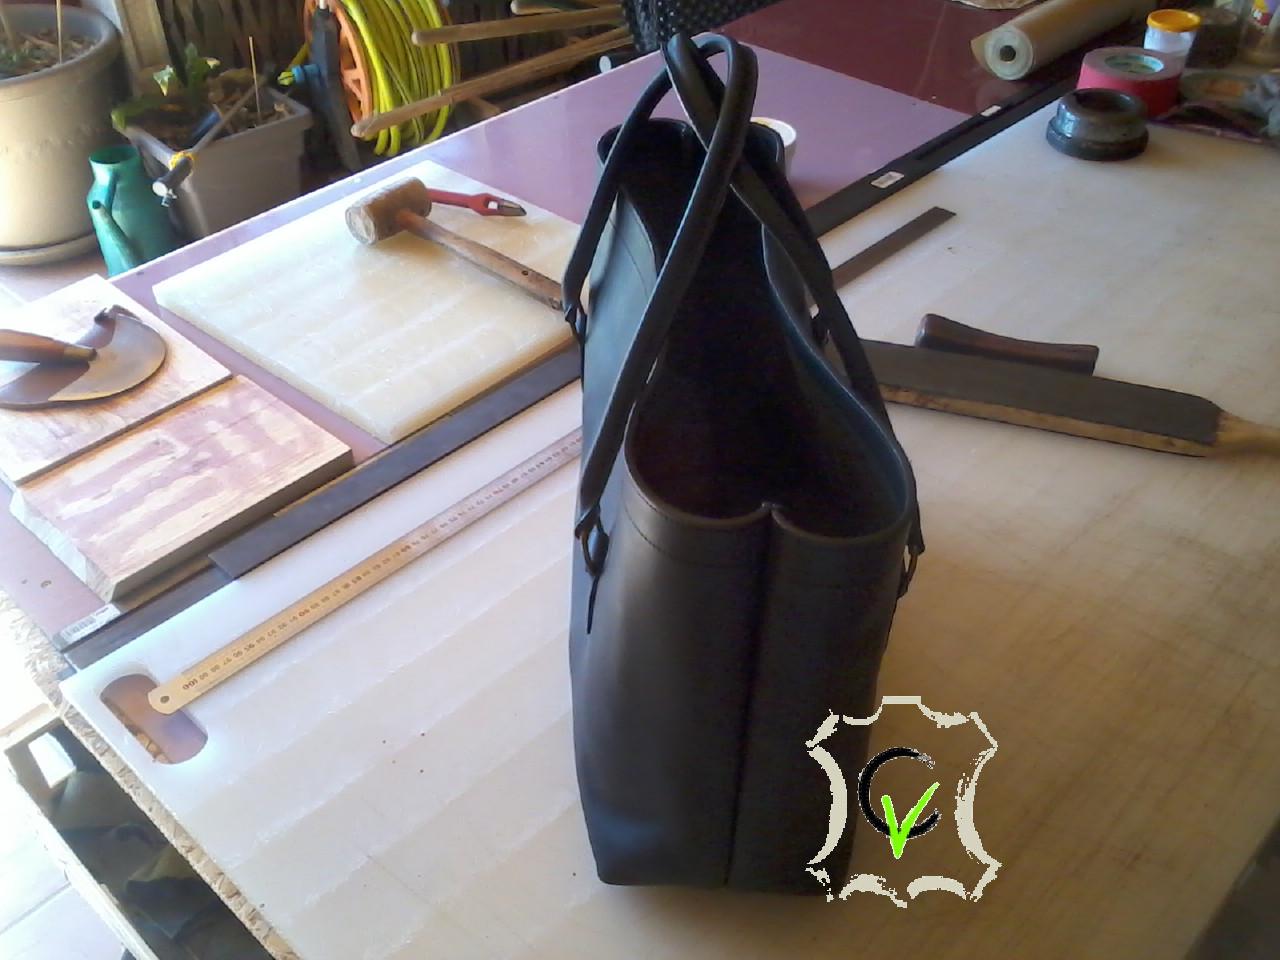 sac à main en cuir tannage végétal anthracite de type cabas, sans doublure